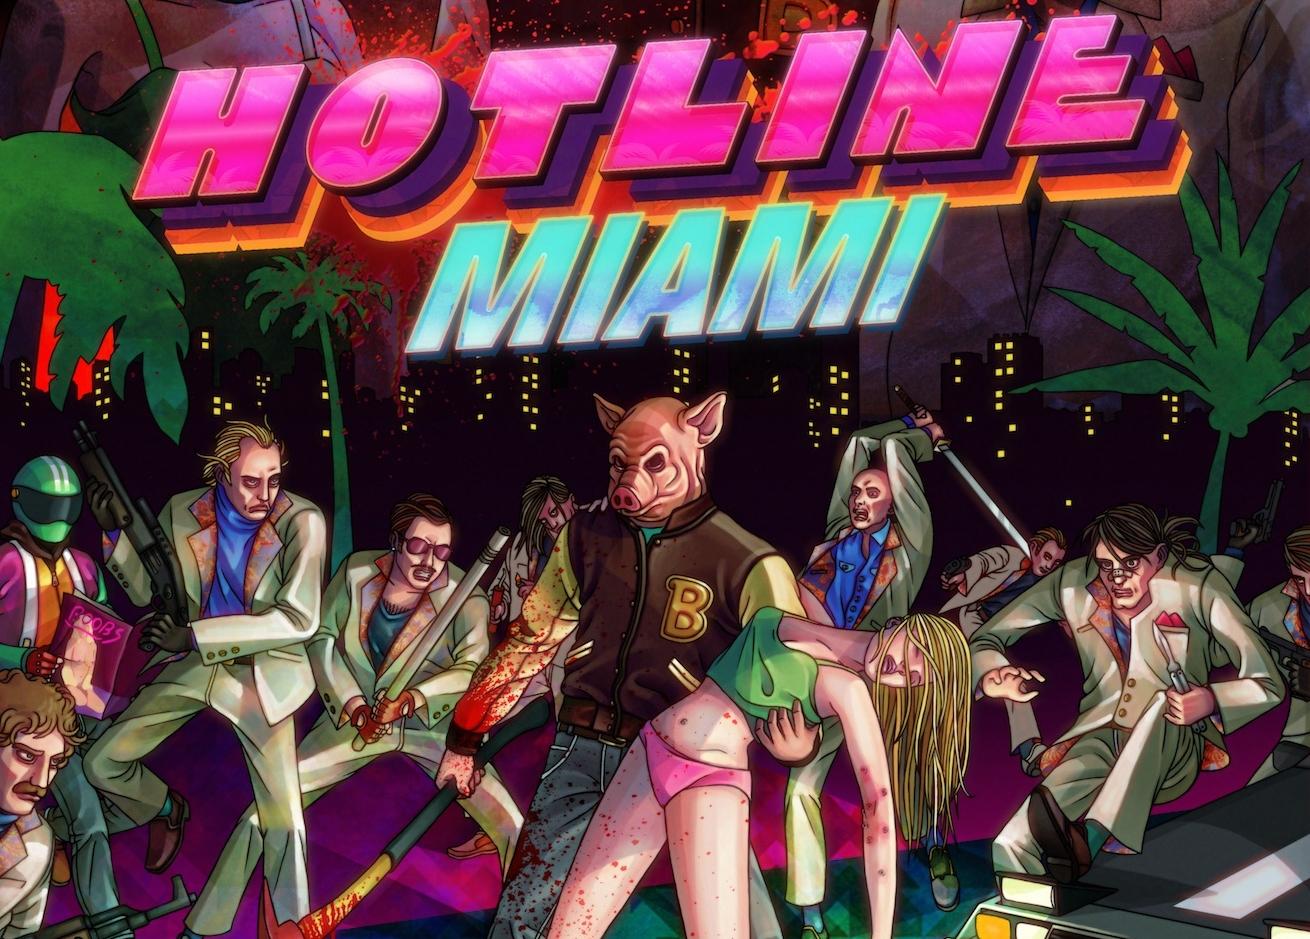 После распродажи начало конкретно затягивать в купленную Hotline Miami. Прям вот играю уже в какой раз и никаких мин ... - Изображение 1